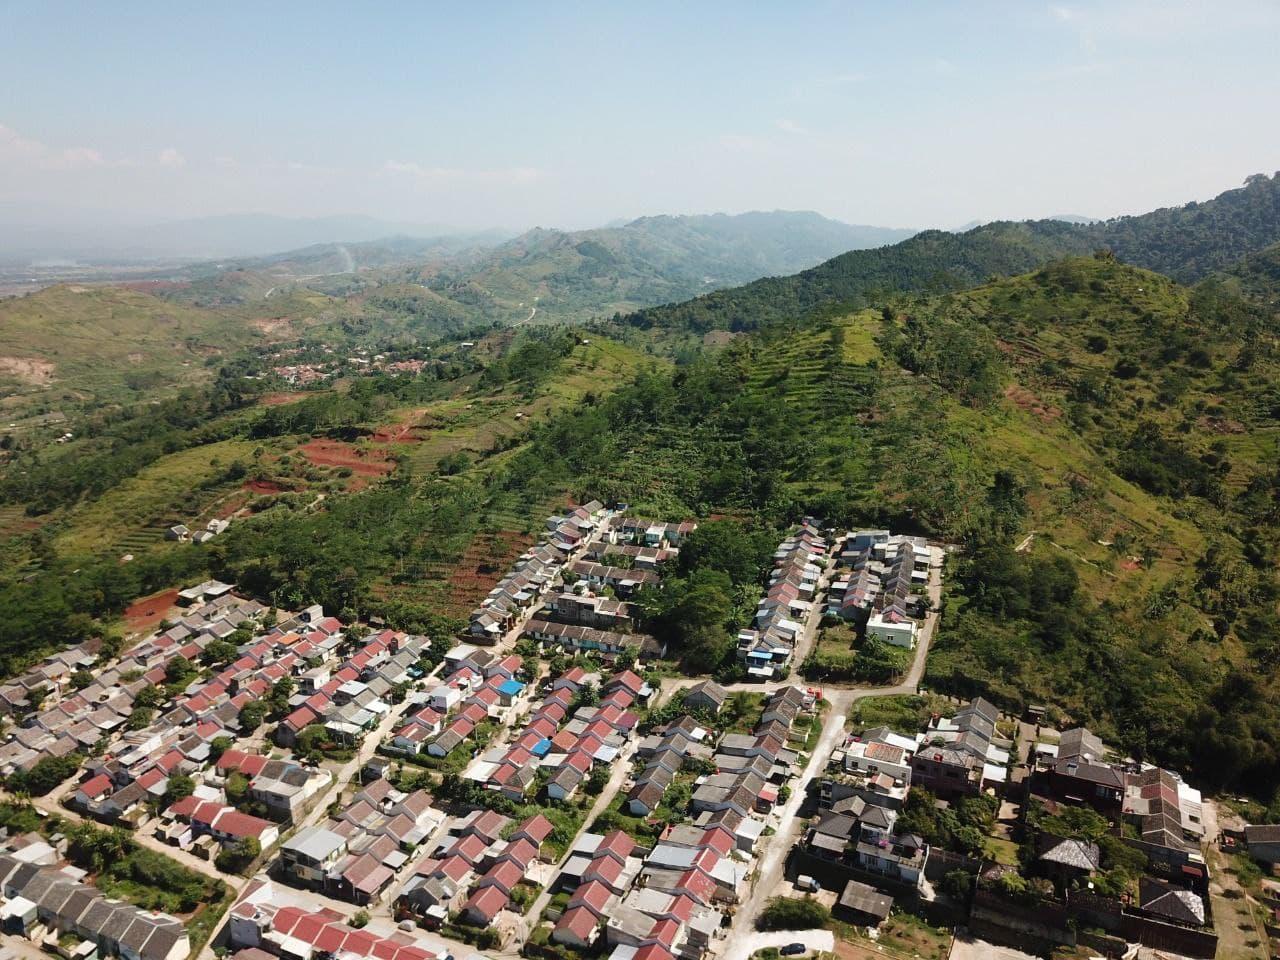 The Emeralda Resort Padalarang - Kawasan Perumahan Premium Dekat Kota Parahyangan Bandung 1